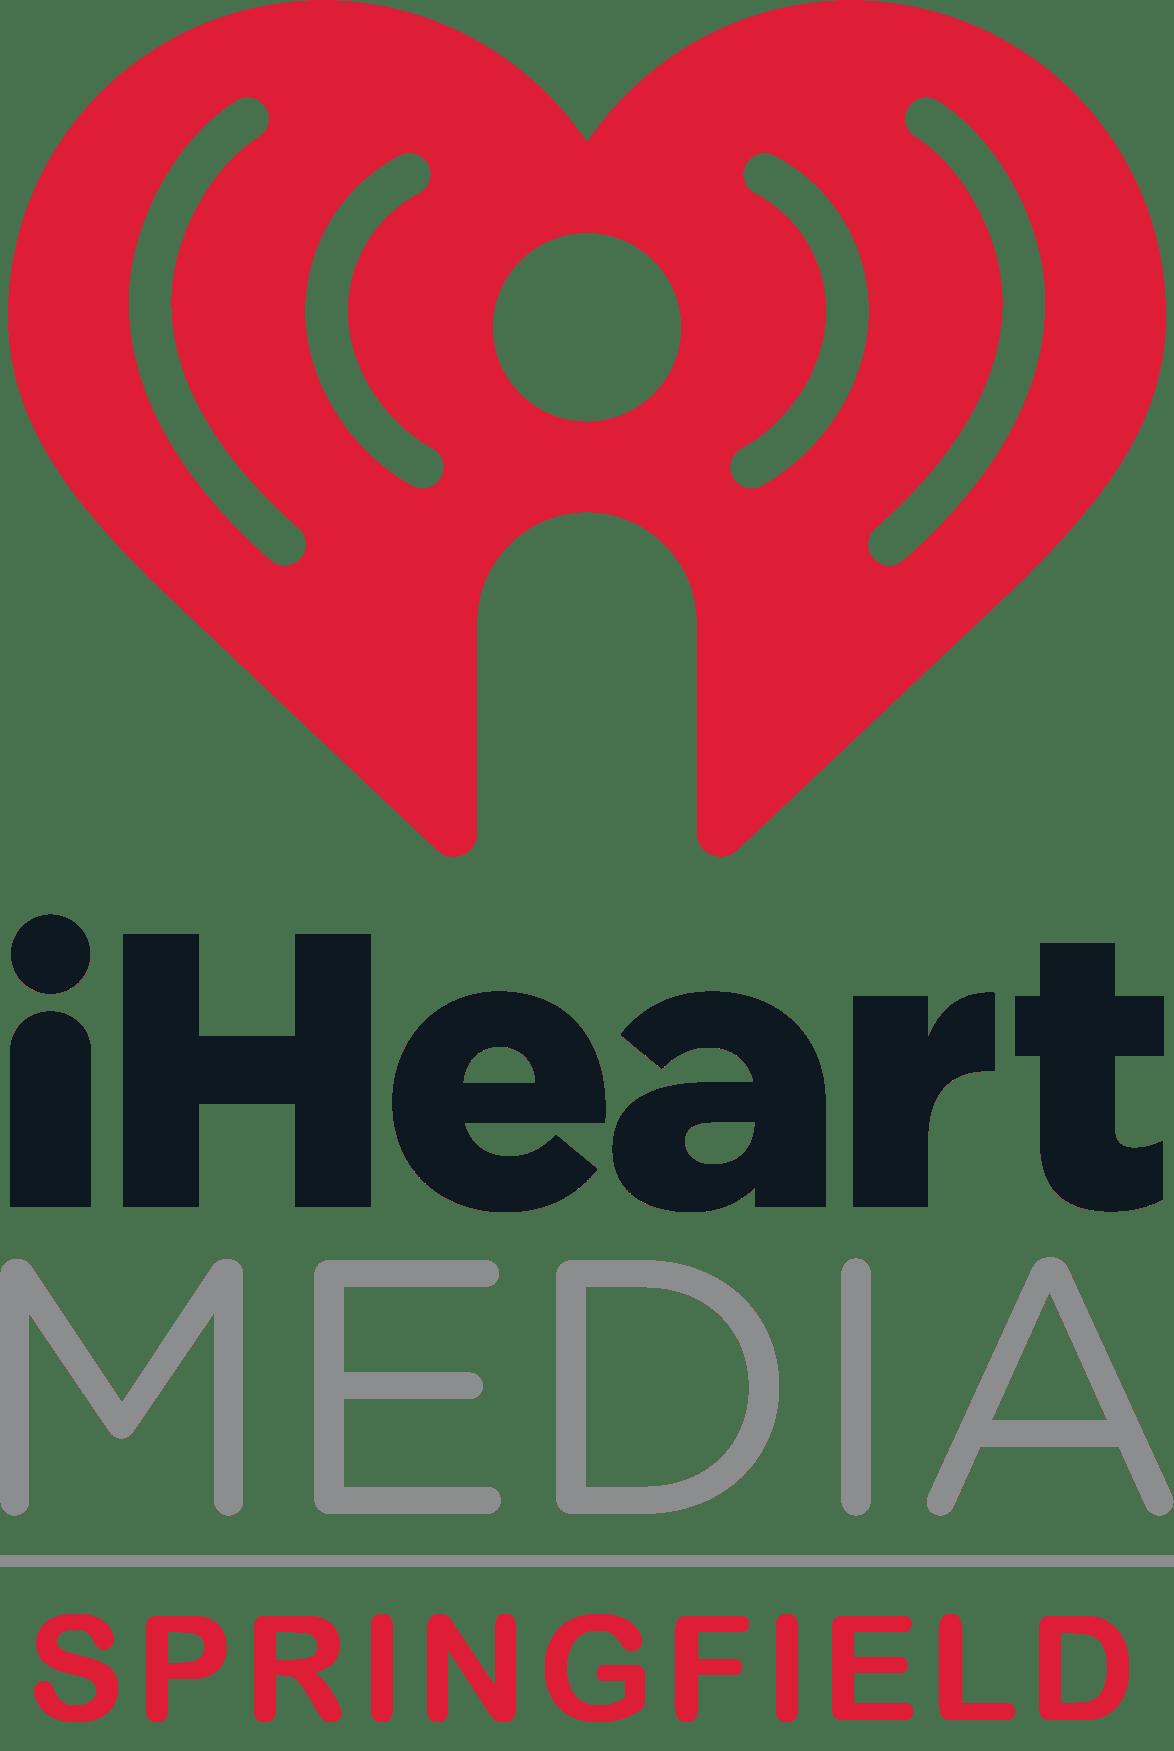 I Heart Media (Radio) logo